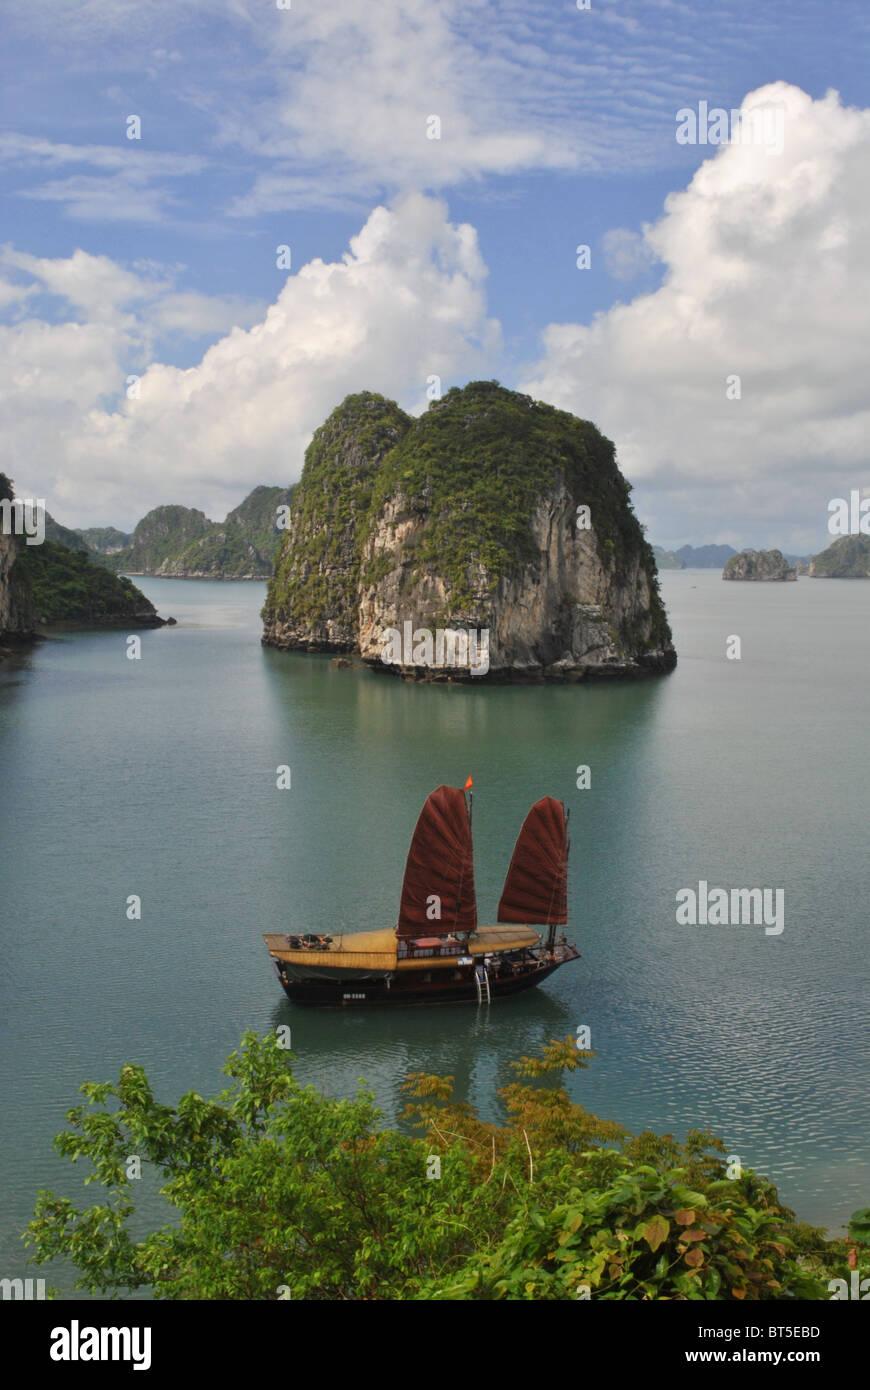 Dschunke mit roten Segel in Halong Bucht, Vietnam Stockbild